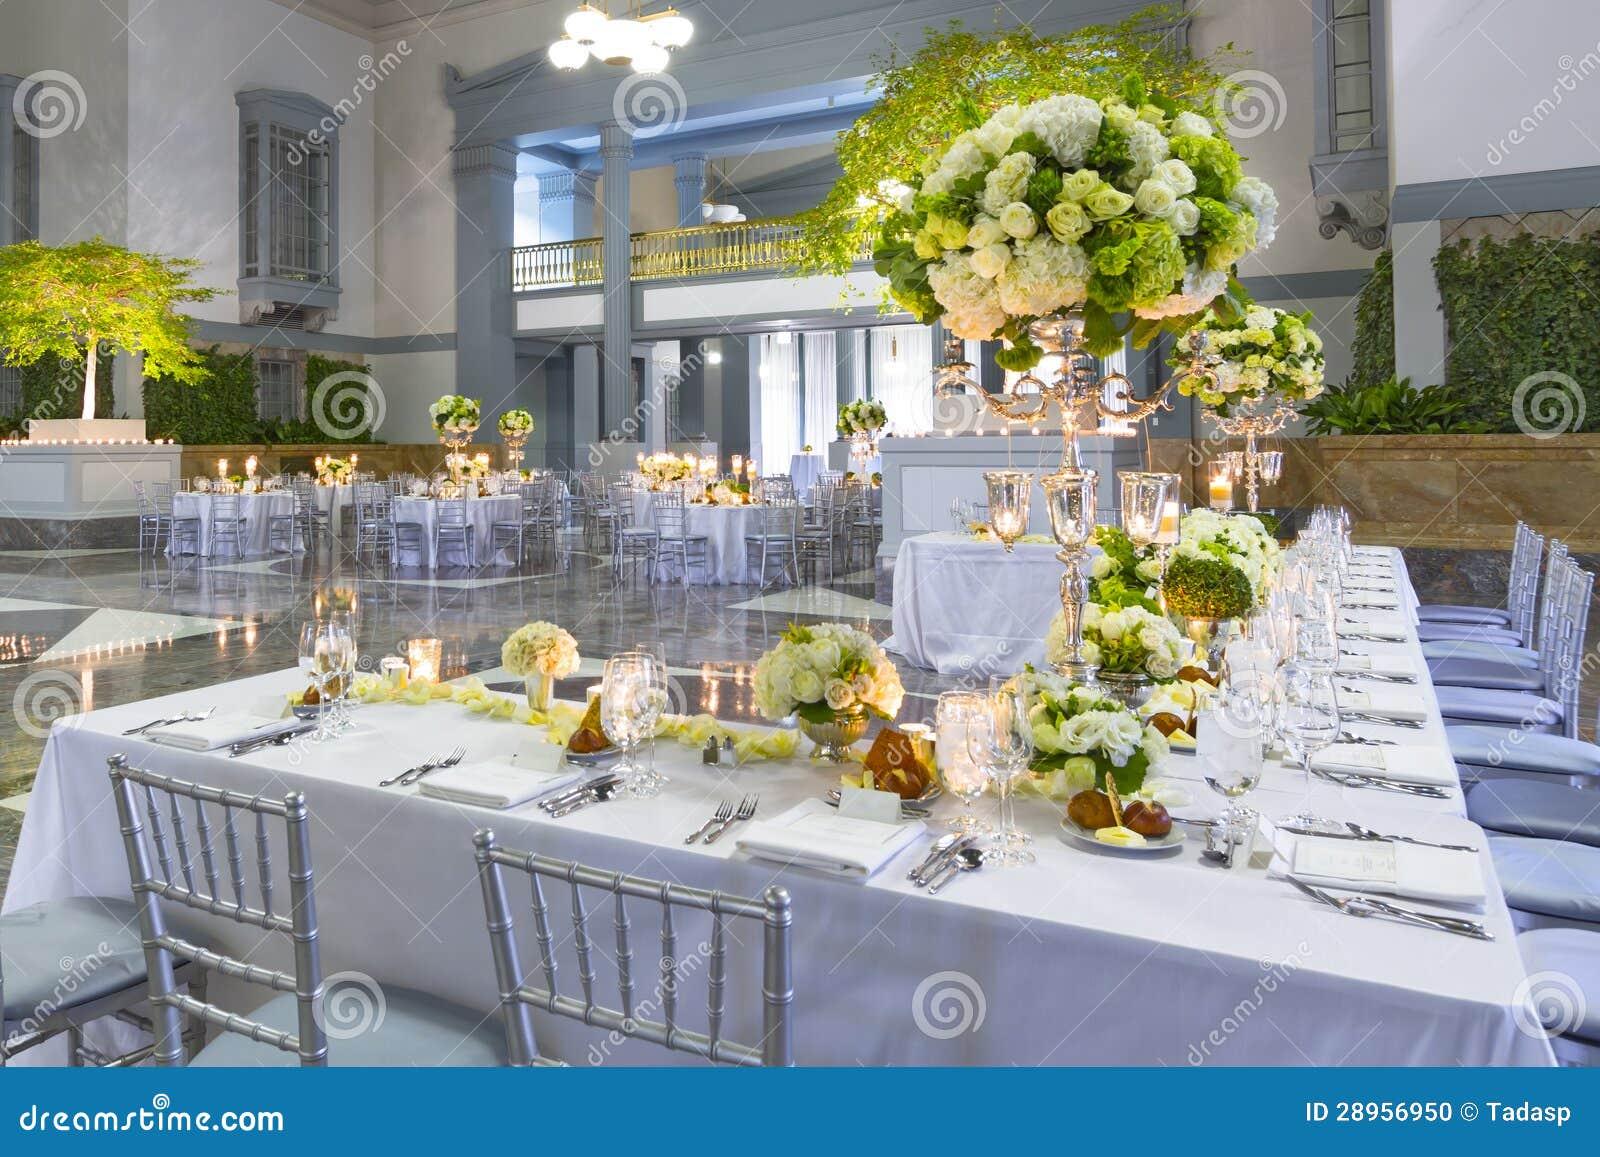 De decoratie van de lijst van het trefpunt van de gebeurtenis of van het huwelijk stock foto - Decoratie van de villas ...